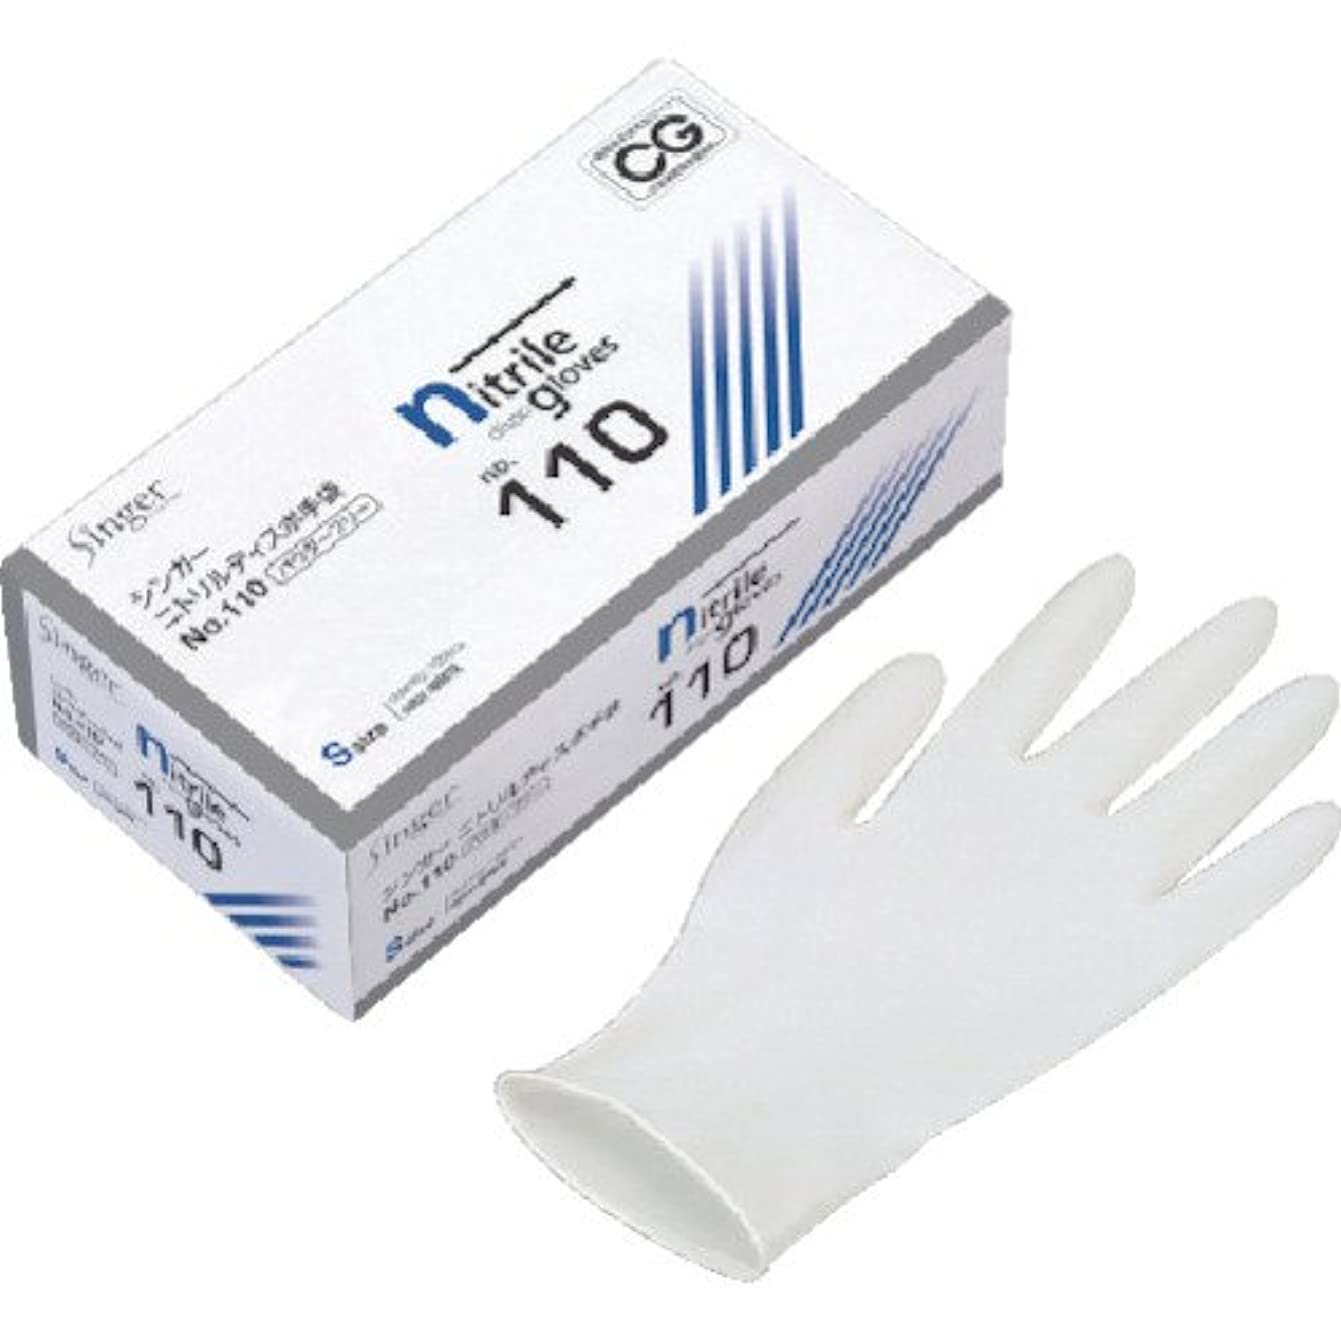 思い出借りている偏見シンガーニトリルディスポ手袋 No.110 ホワイト パウダーフリー(100枚) S